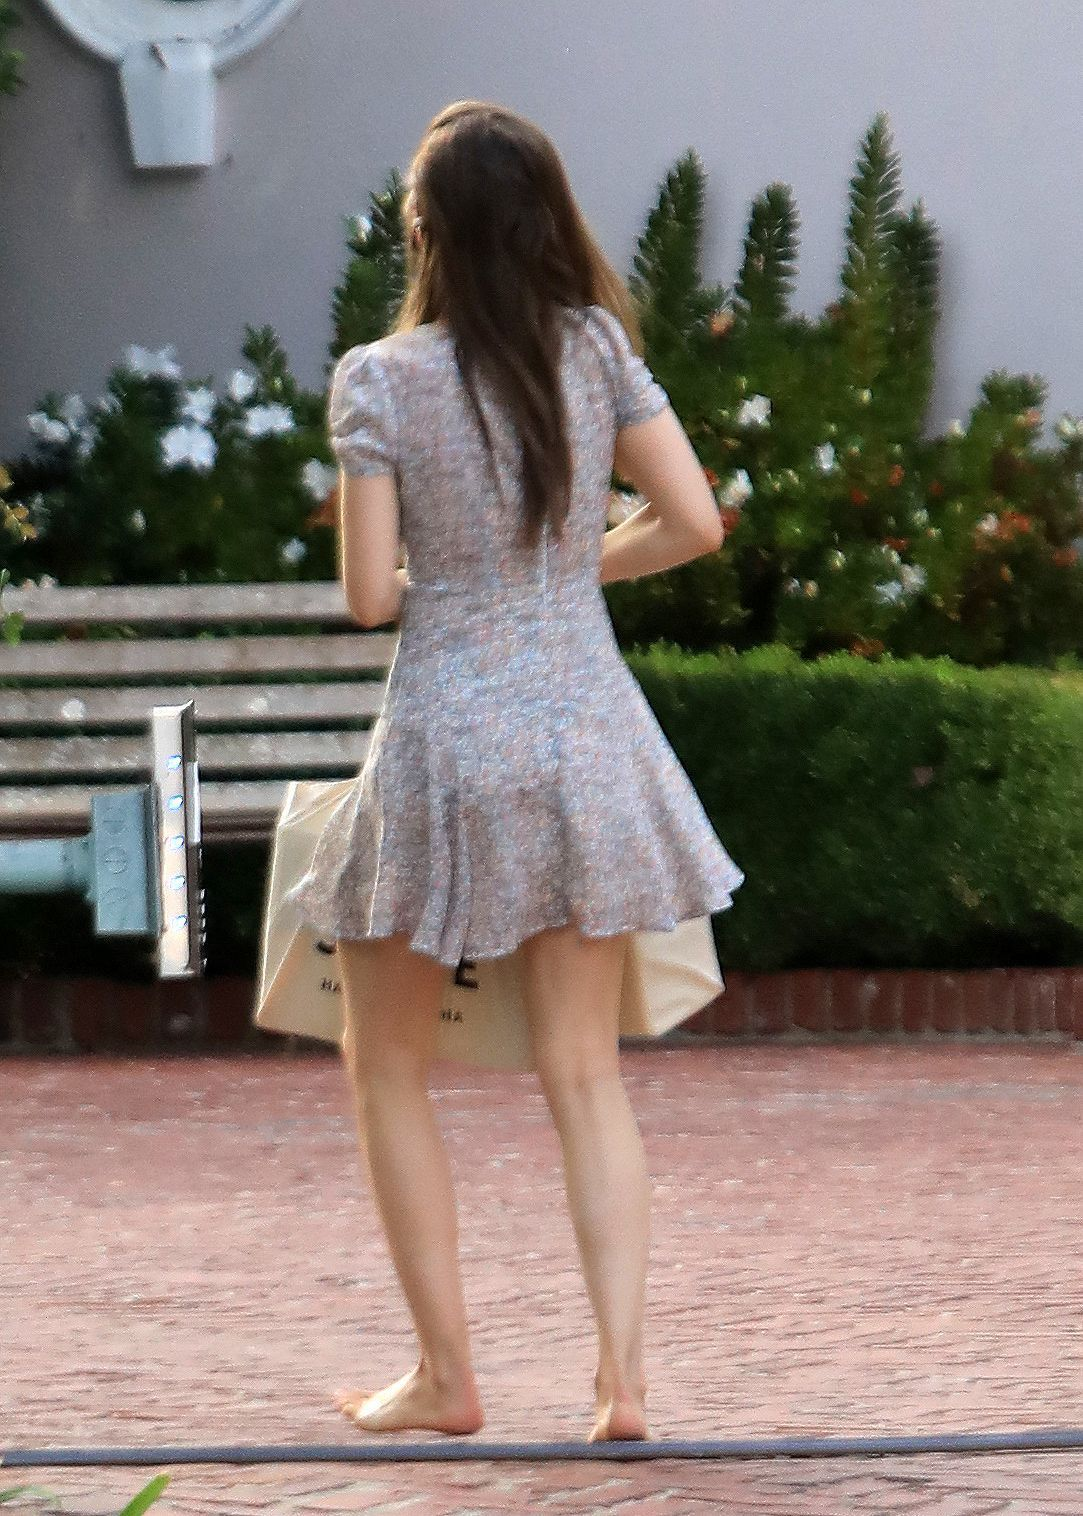 https://pics.wikifeet.com/Lily-Collins-Feet-5437228.jpg